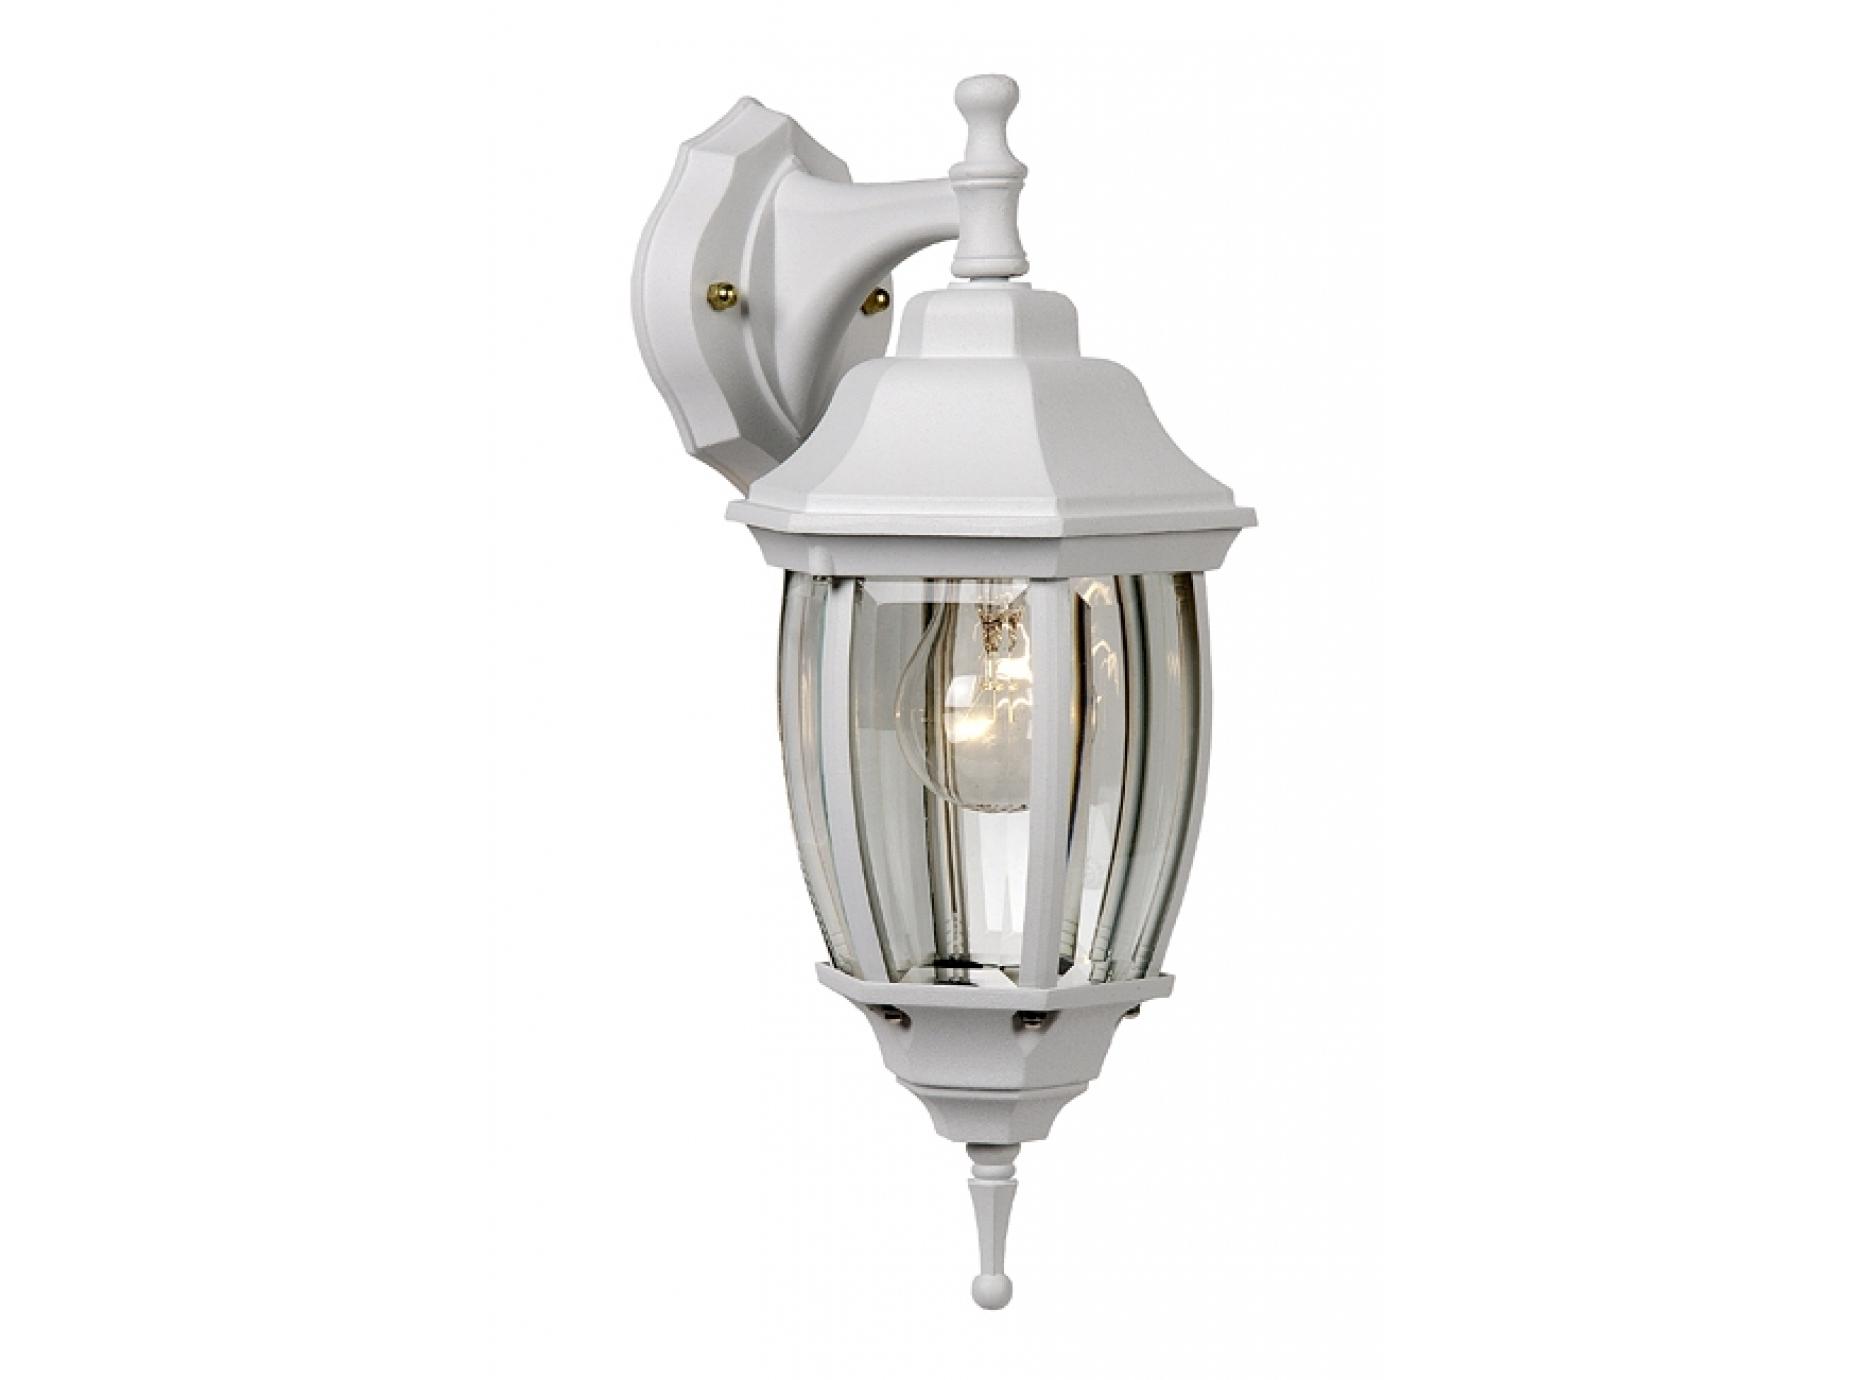 Настенный светильник TIRENOУличные настенные светильники<br>&amp;lt;div&amp;gt;Вид цоколя: Е27&amp;lt;/div&amp;gt;&amp;lt;div&amp;gt;Мощность: 60W&amp;lt;/div&amp;gt;&amp;lt;div&amp;gt;Количество ламп: 1 (в комплект не входит)&amp;lt;/div&amp;gt;<br><br>Material: Металл<br>Width см: 20<br>Depth см: 16,5<br>Height см: 37